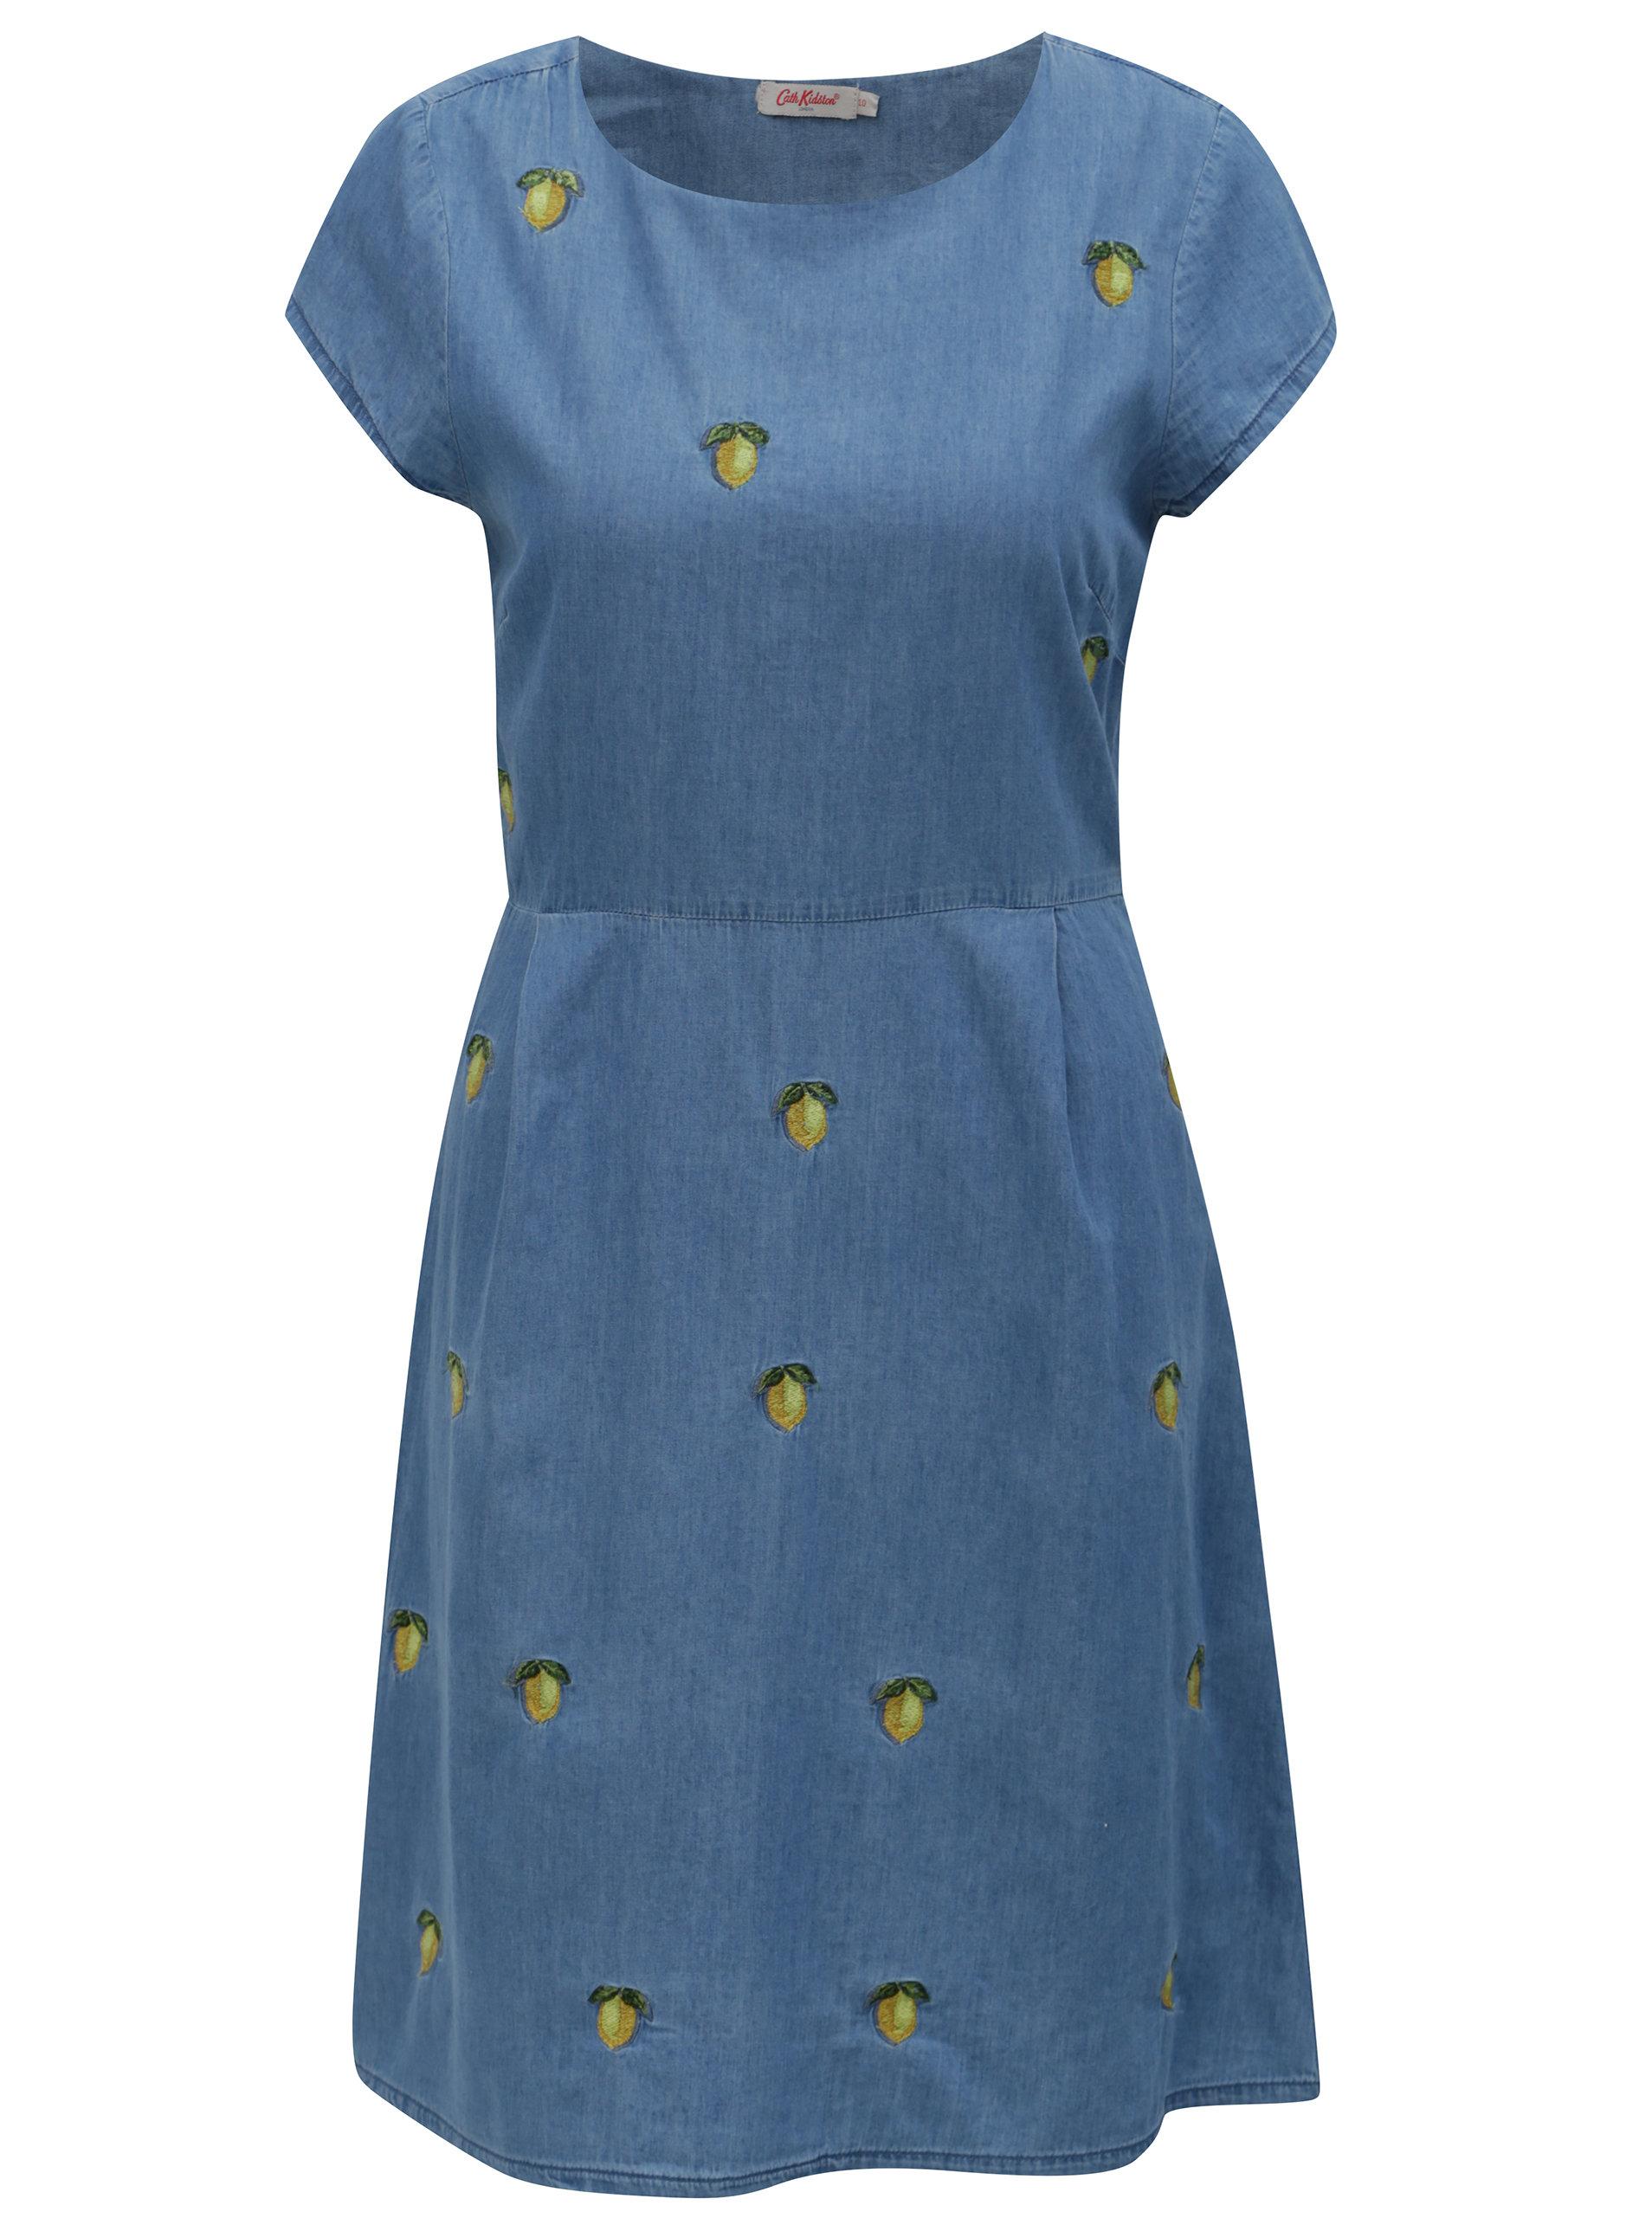 d6d3f93db Modré dámske rifľové šaty s motívom citrónov Cath Kidston | ZOOT.sk